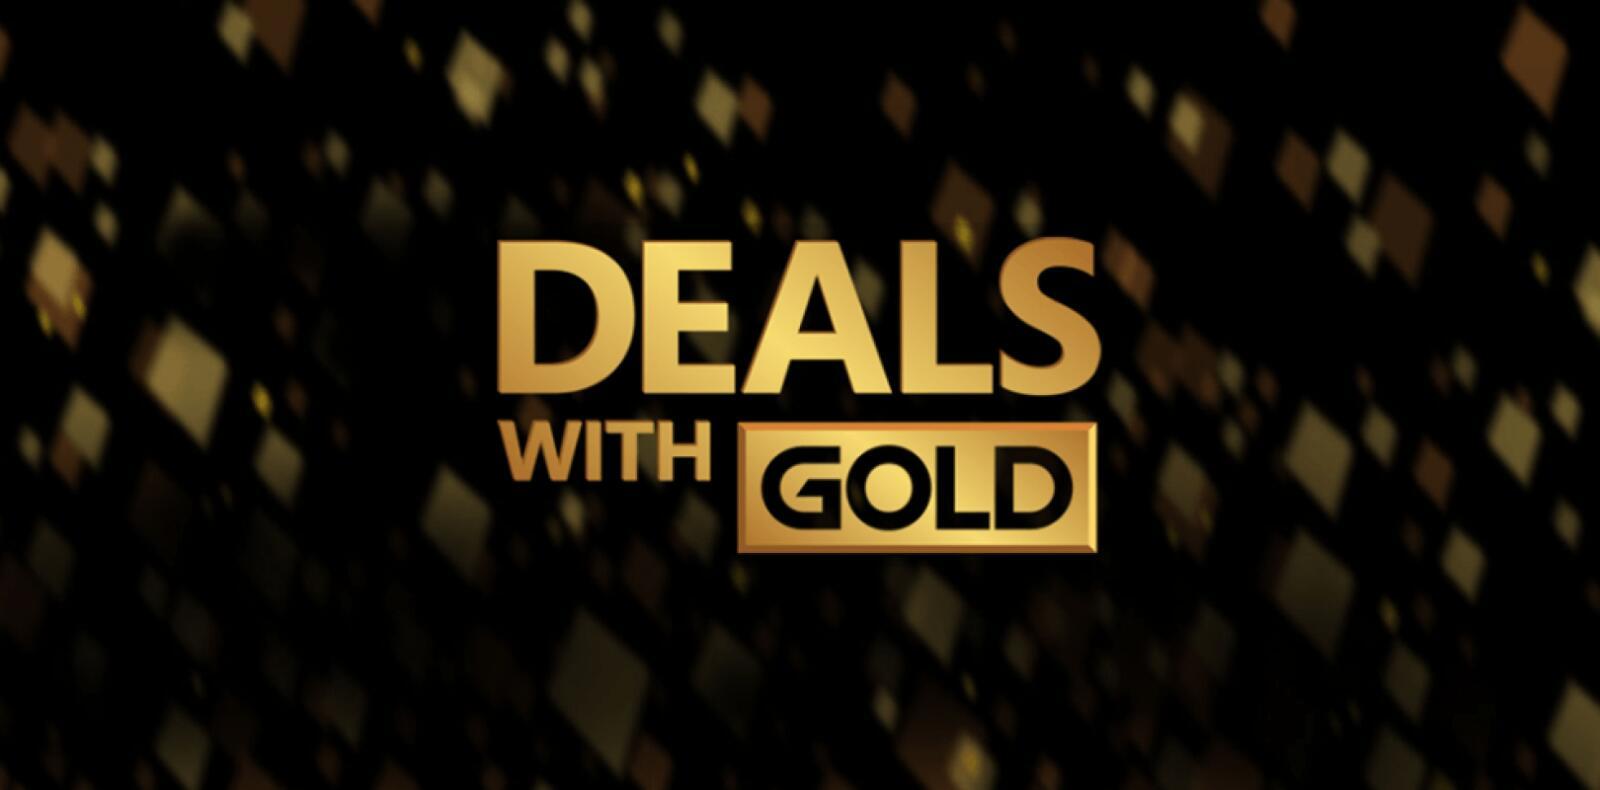 Xbox: Deals With Gold semana del 29 de septiembre al 6 de octubre de 2020